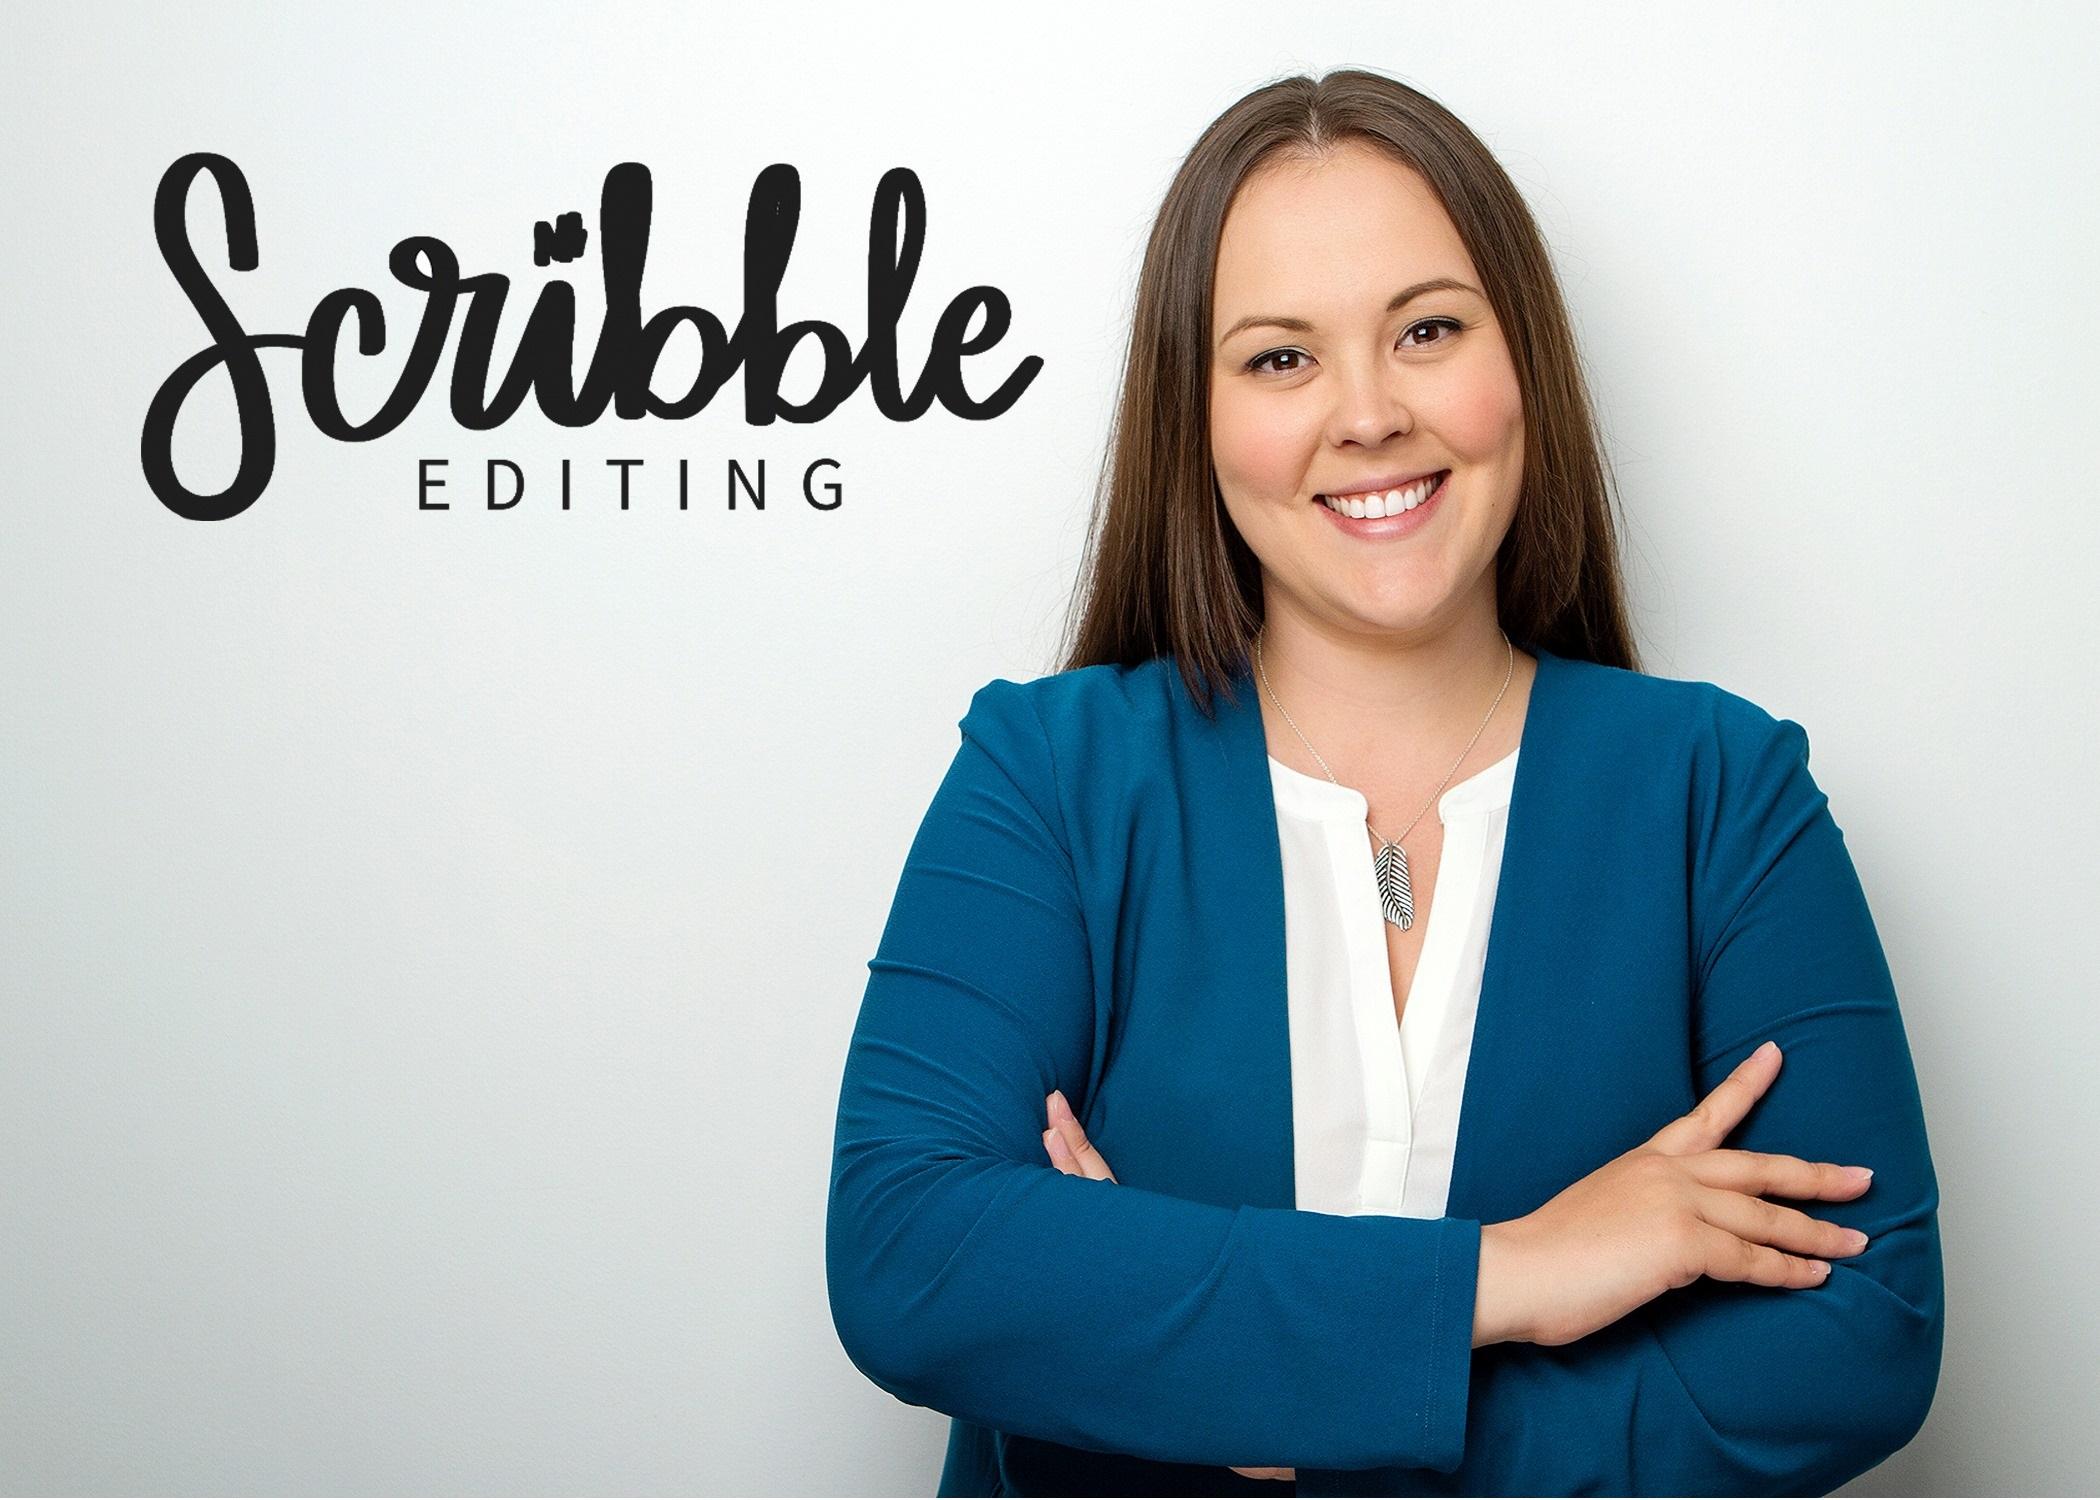 Scribble Editing